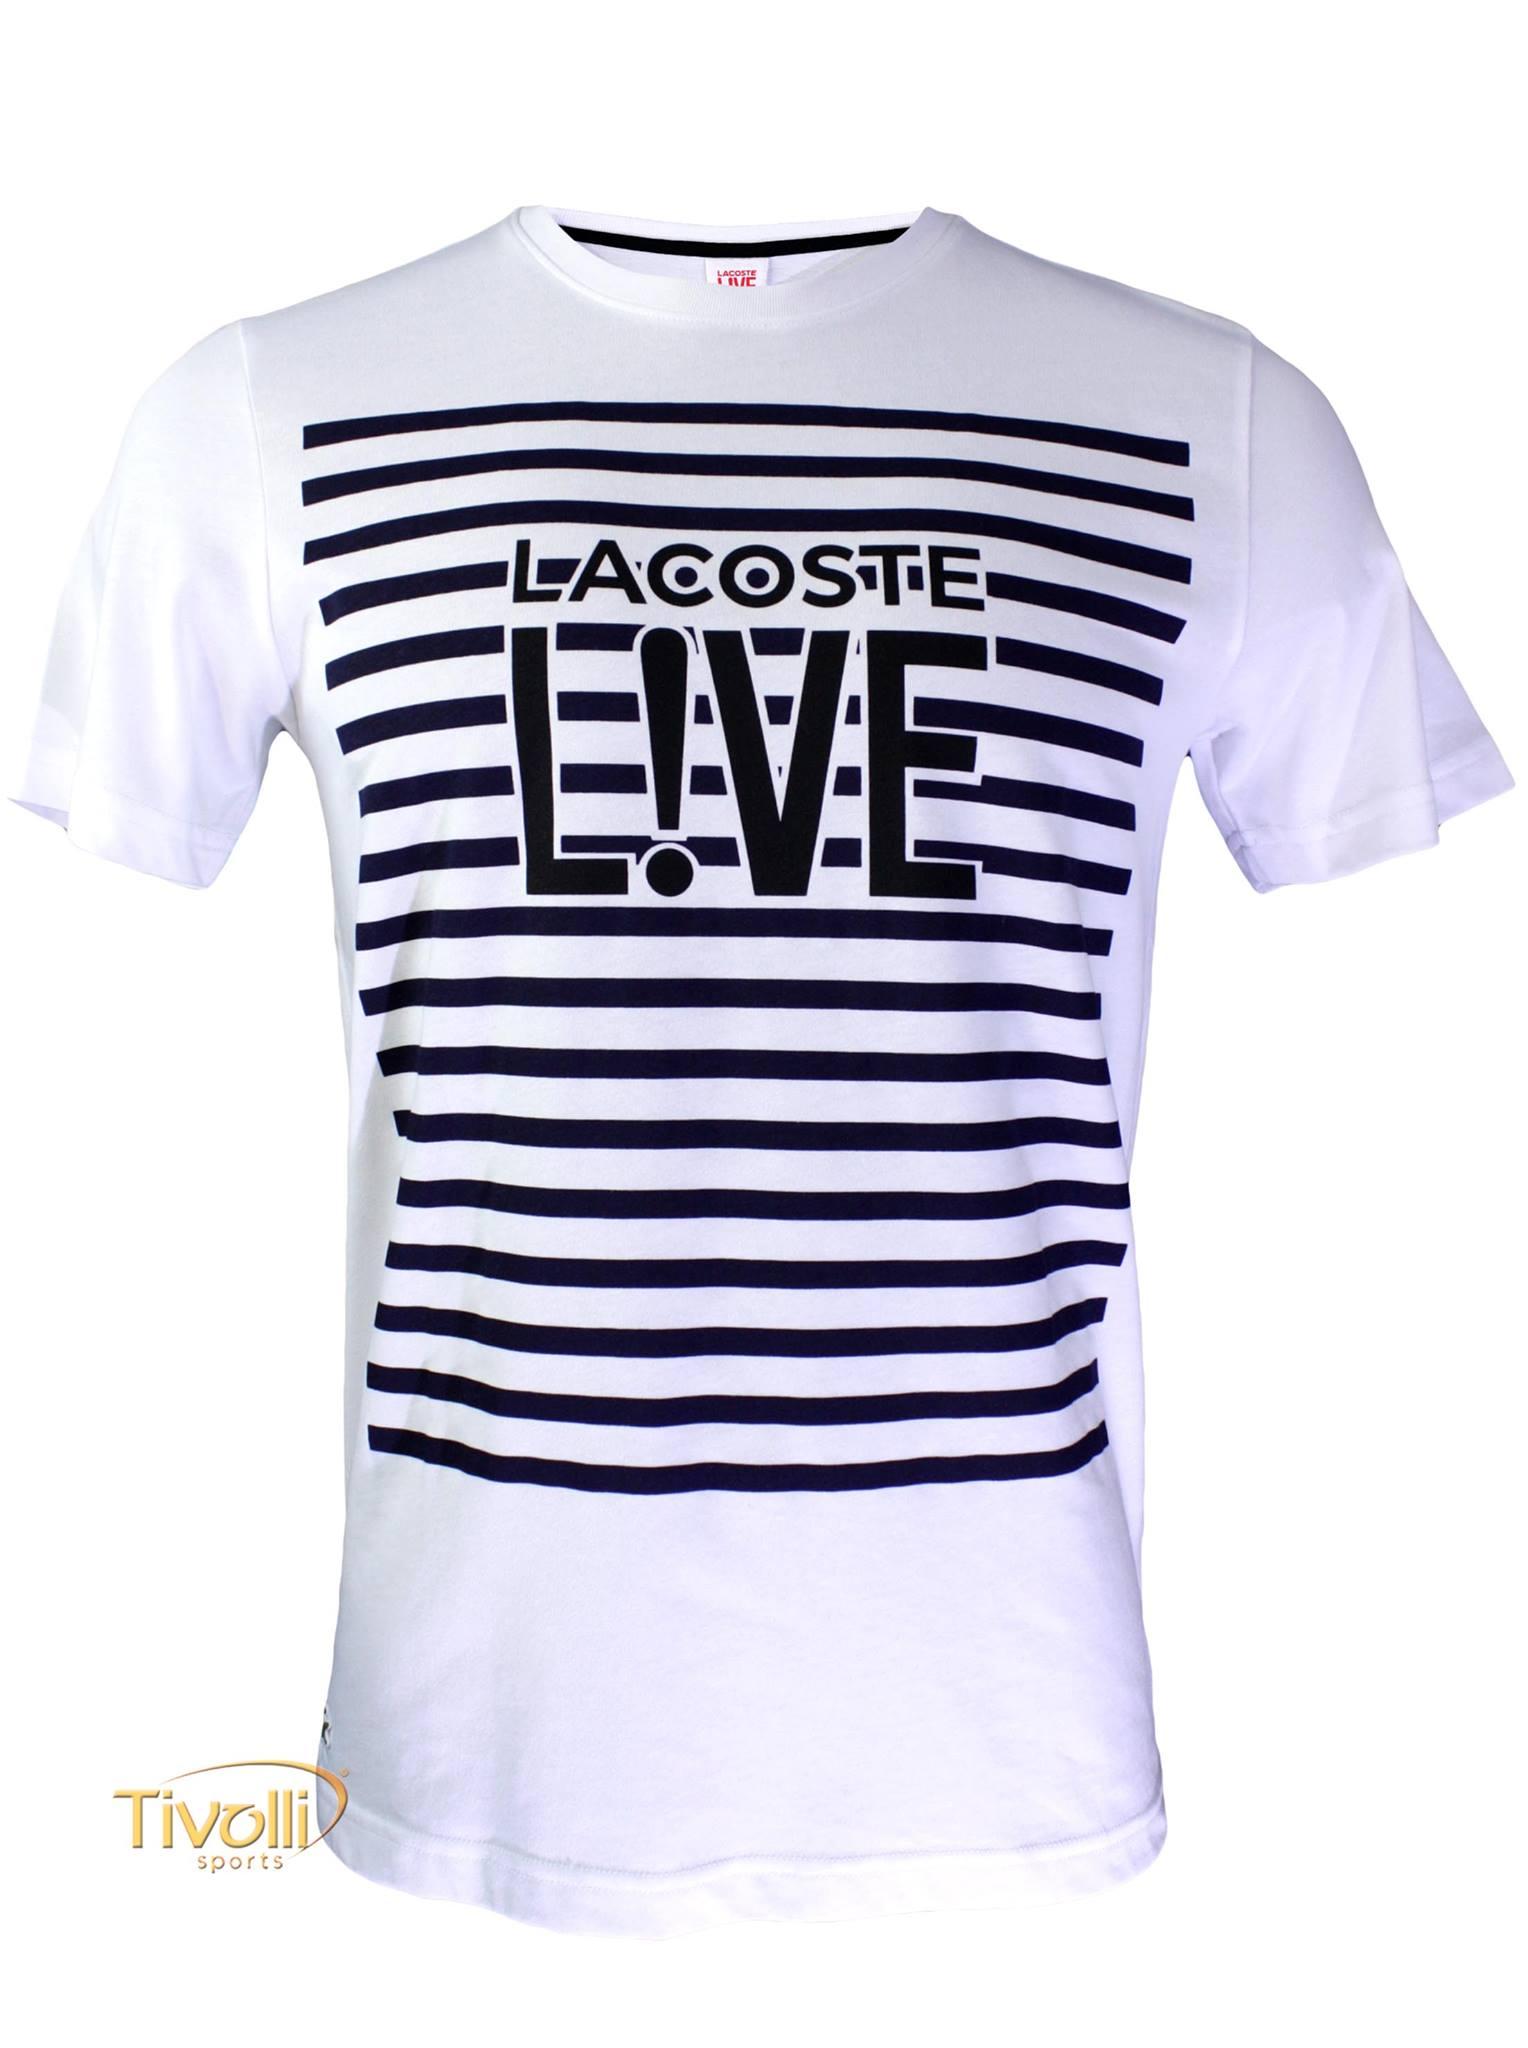 2ecad9bee8bd0 Camiseta Lacoste Live   Branca Estampada